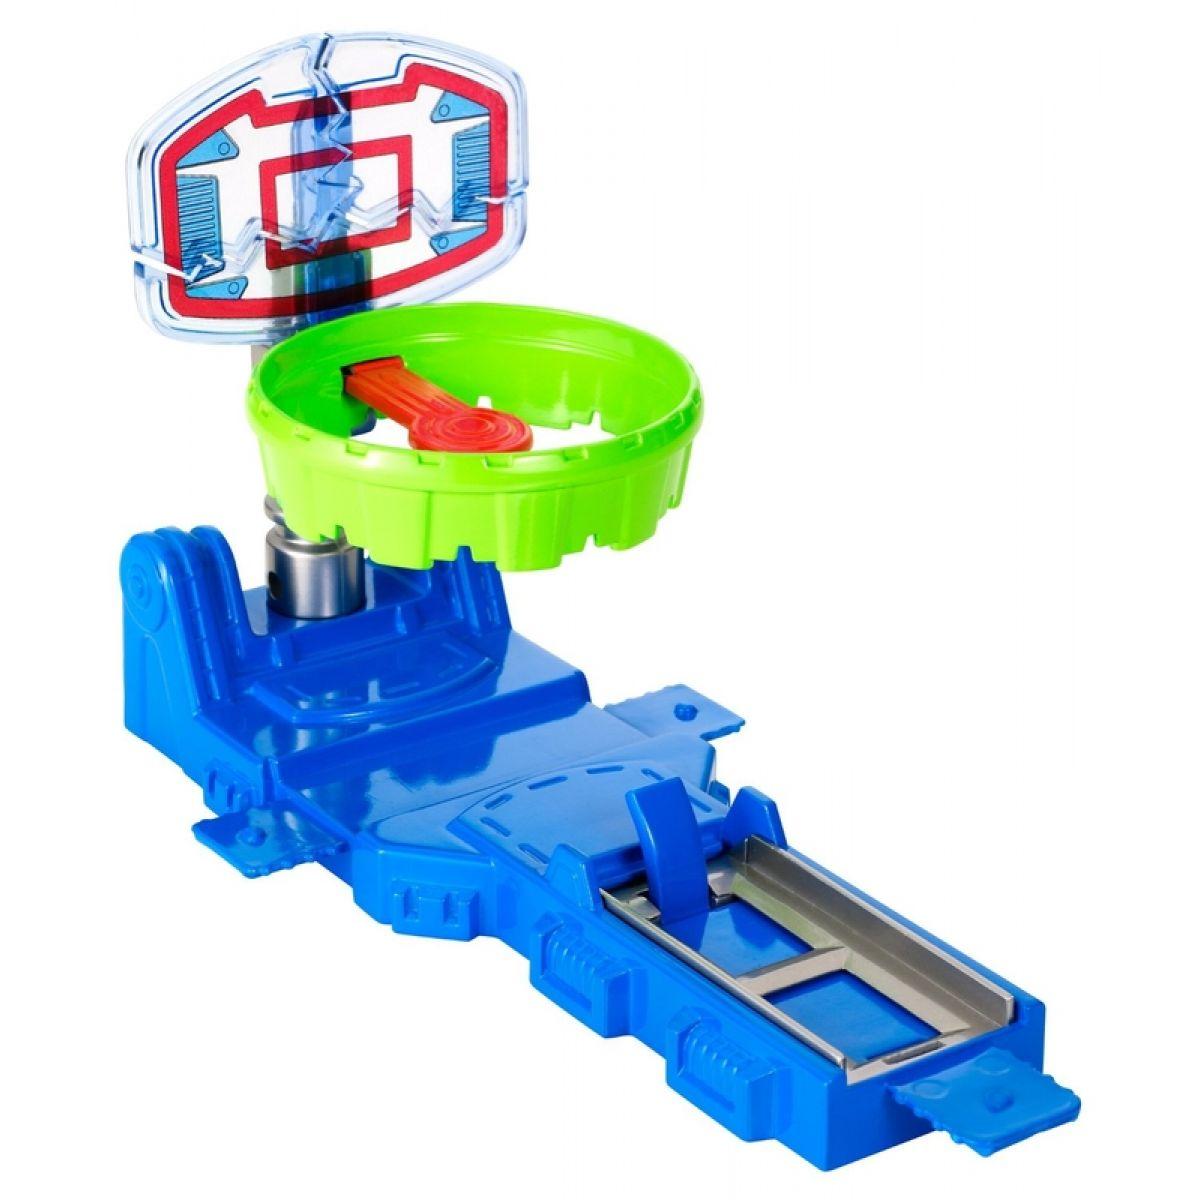 Hot Wheels BGX75 Track Builder střední set - Tref se do koše